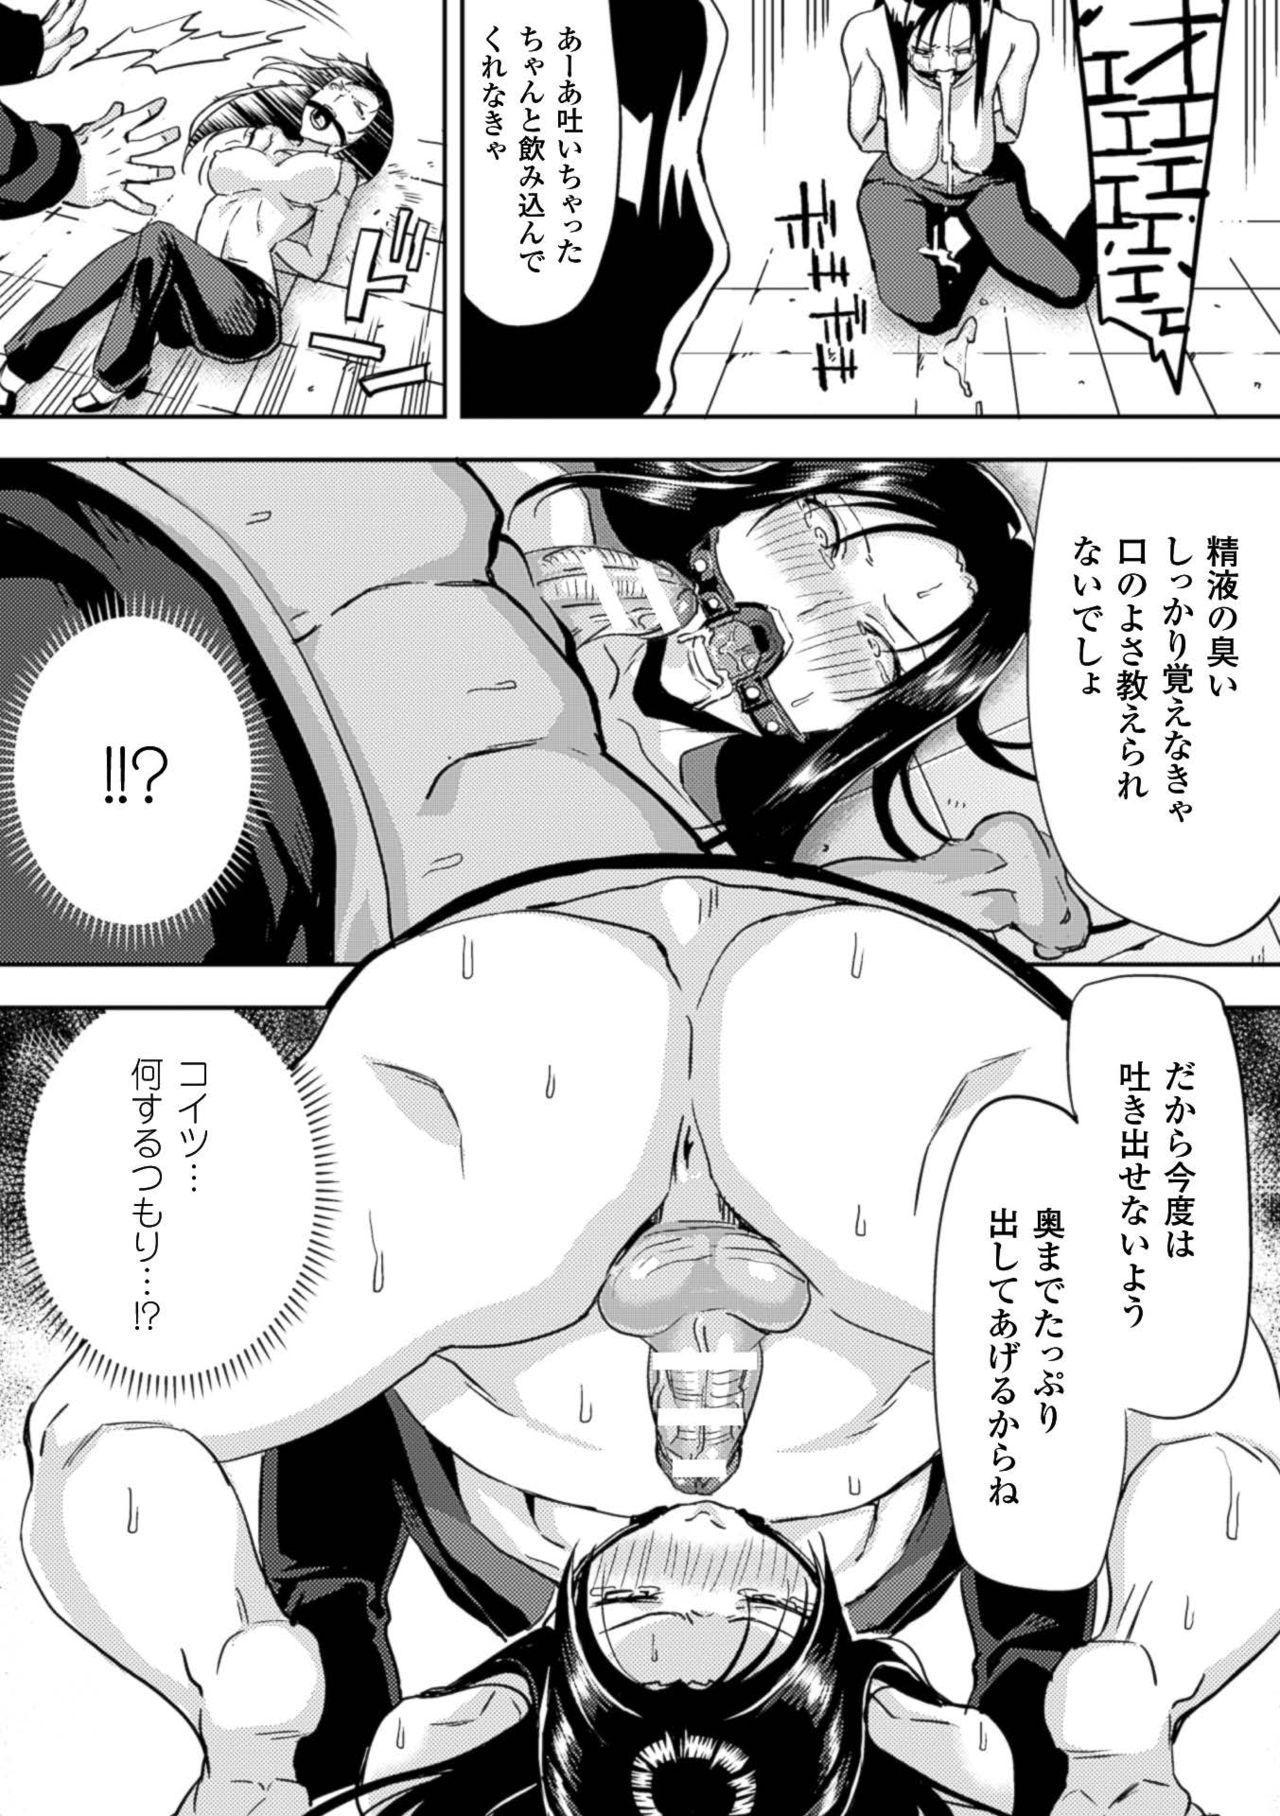 2D Comic Magazine Kuchibenki Heroines Karen na Okuchi wa Nama Onaho Vol. 1 36